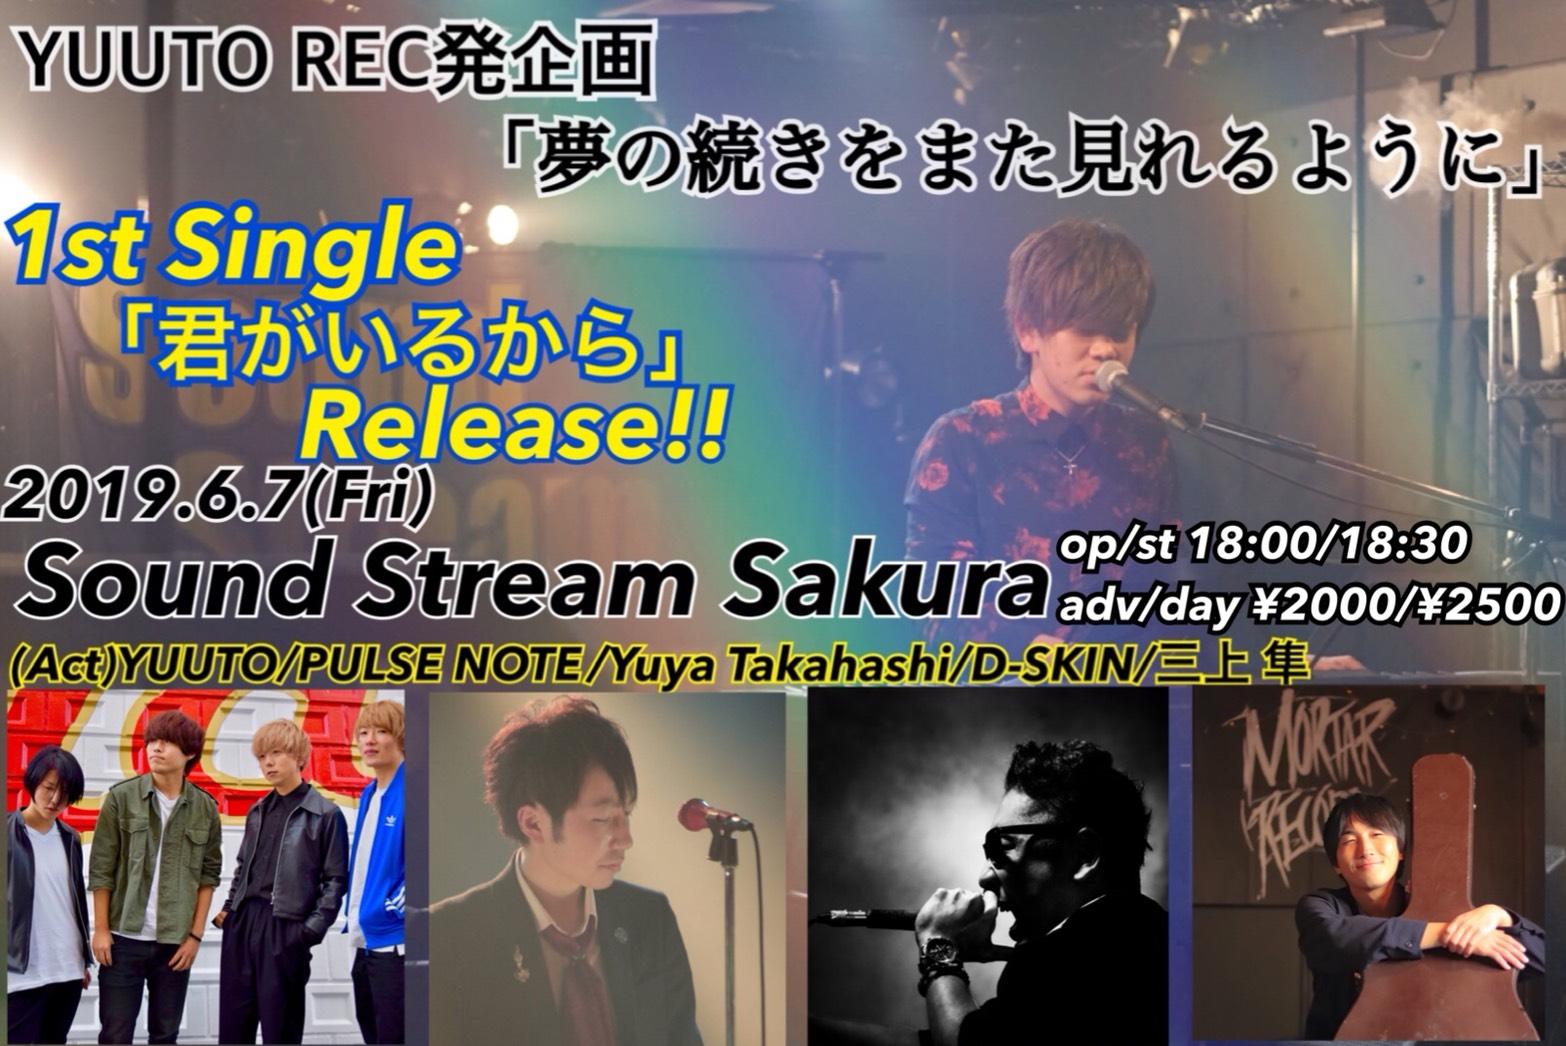 YUUTO 1st Single「君がいるから」release REC発企画 「夢の続きをまた見れるように」